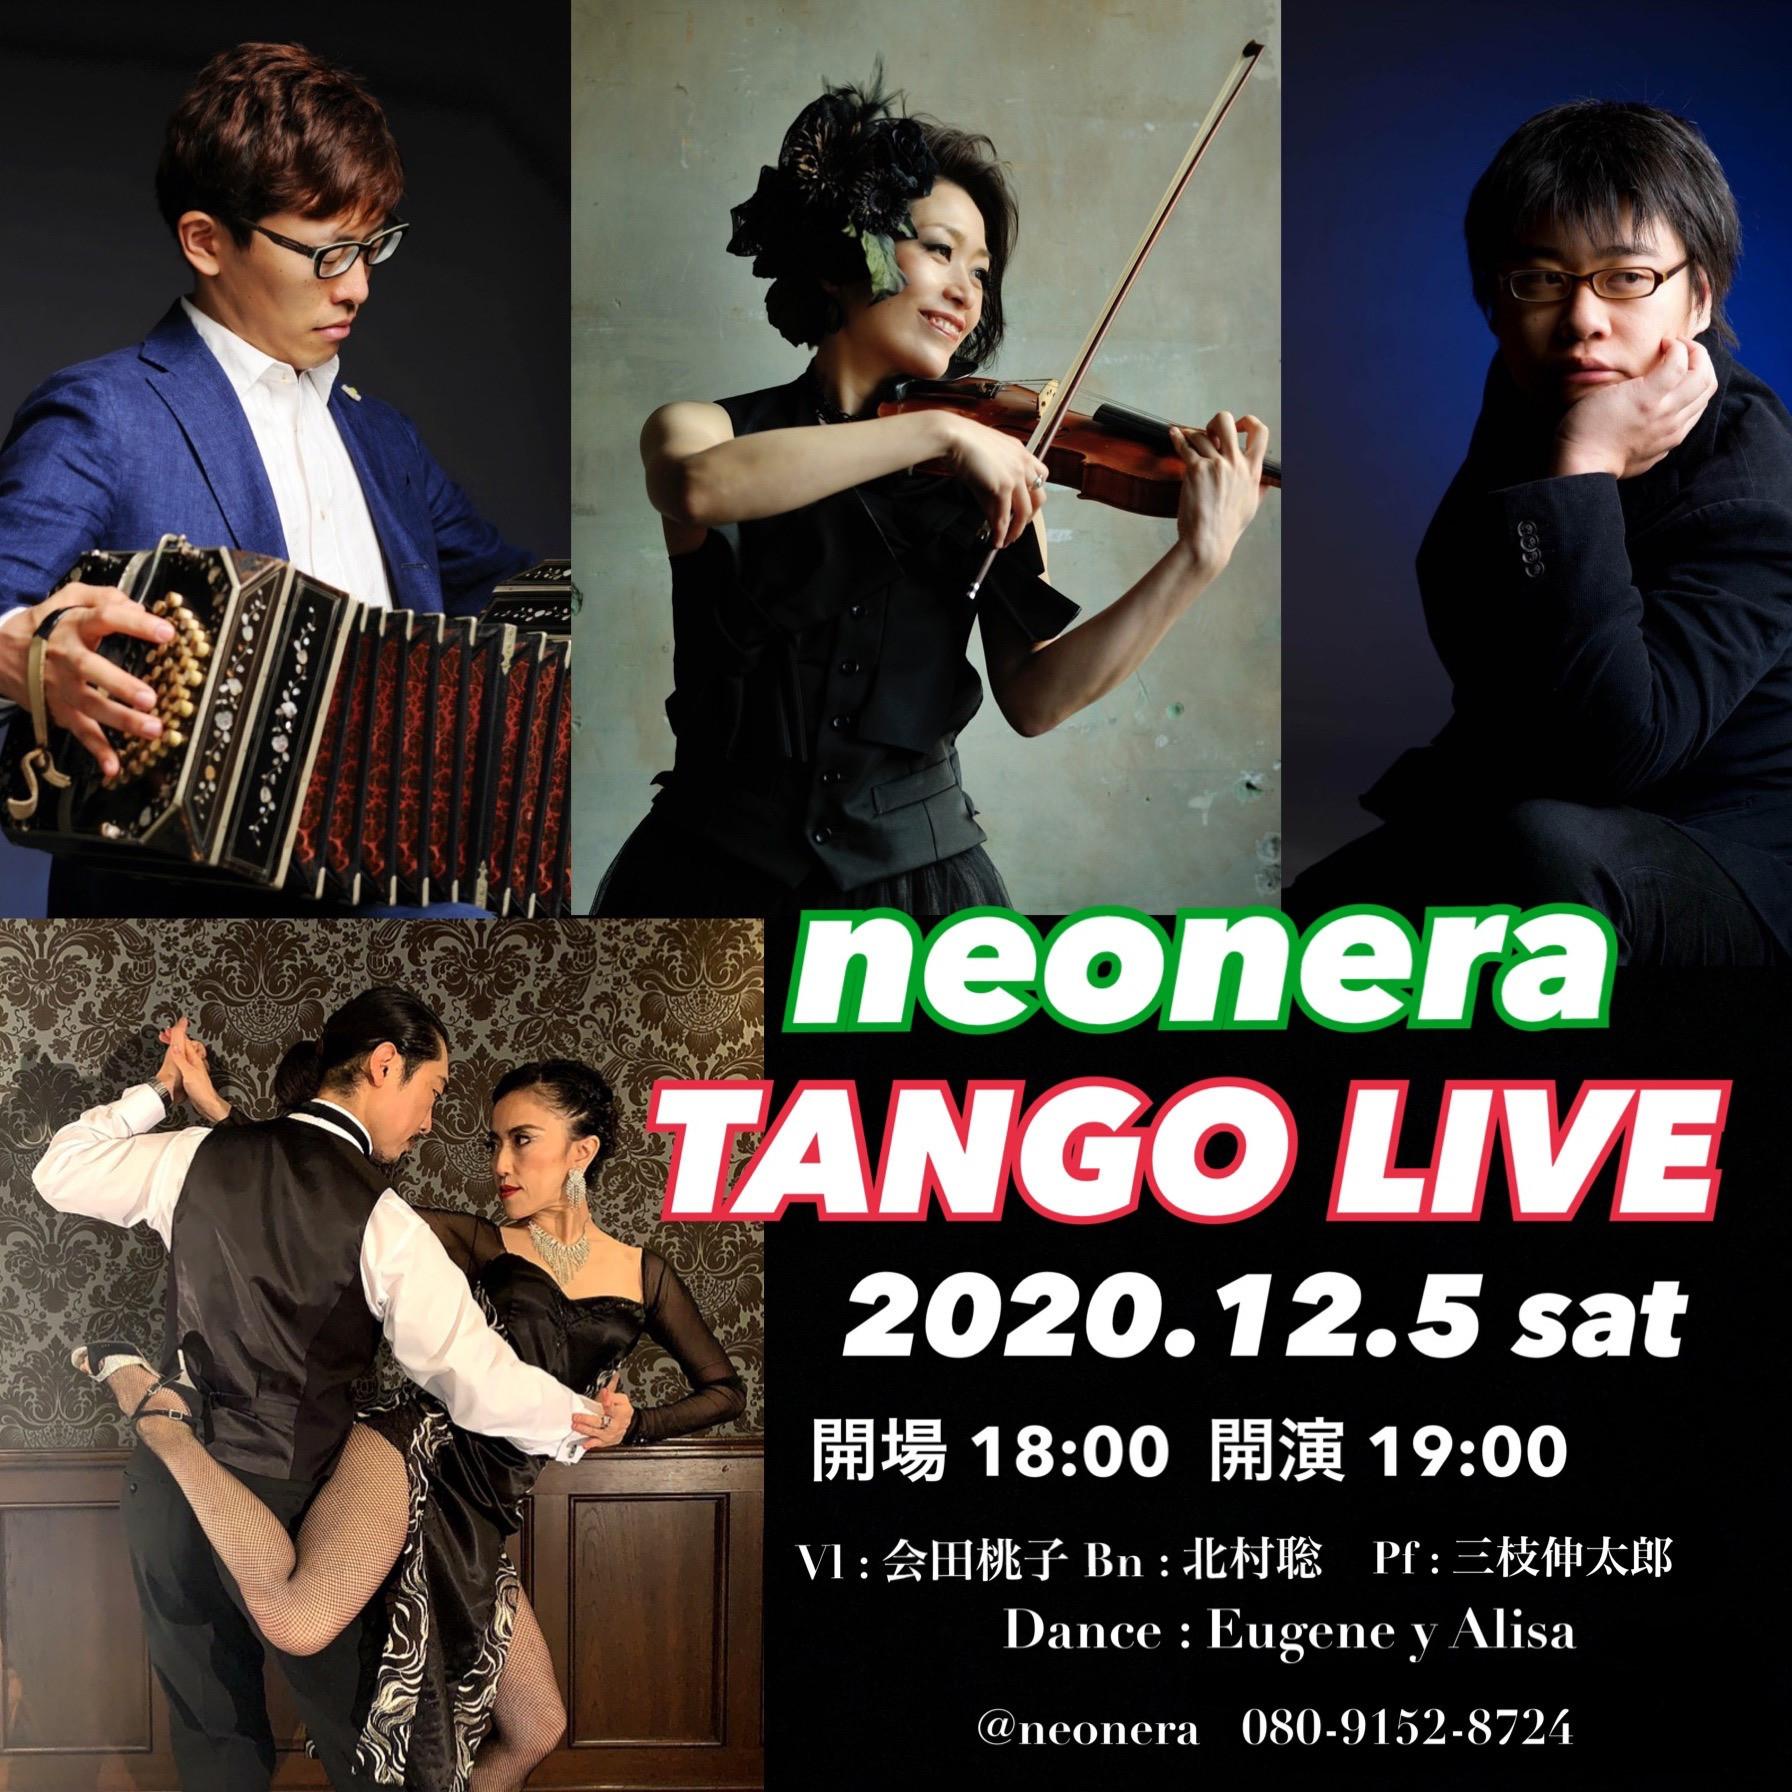 12月5日(土)neonera TANGO LIVE